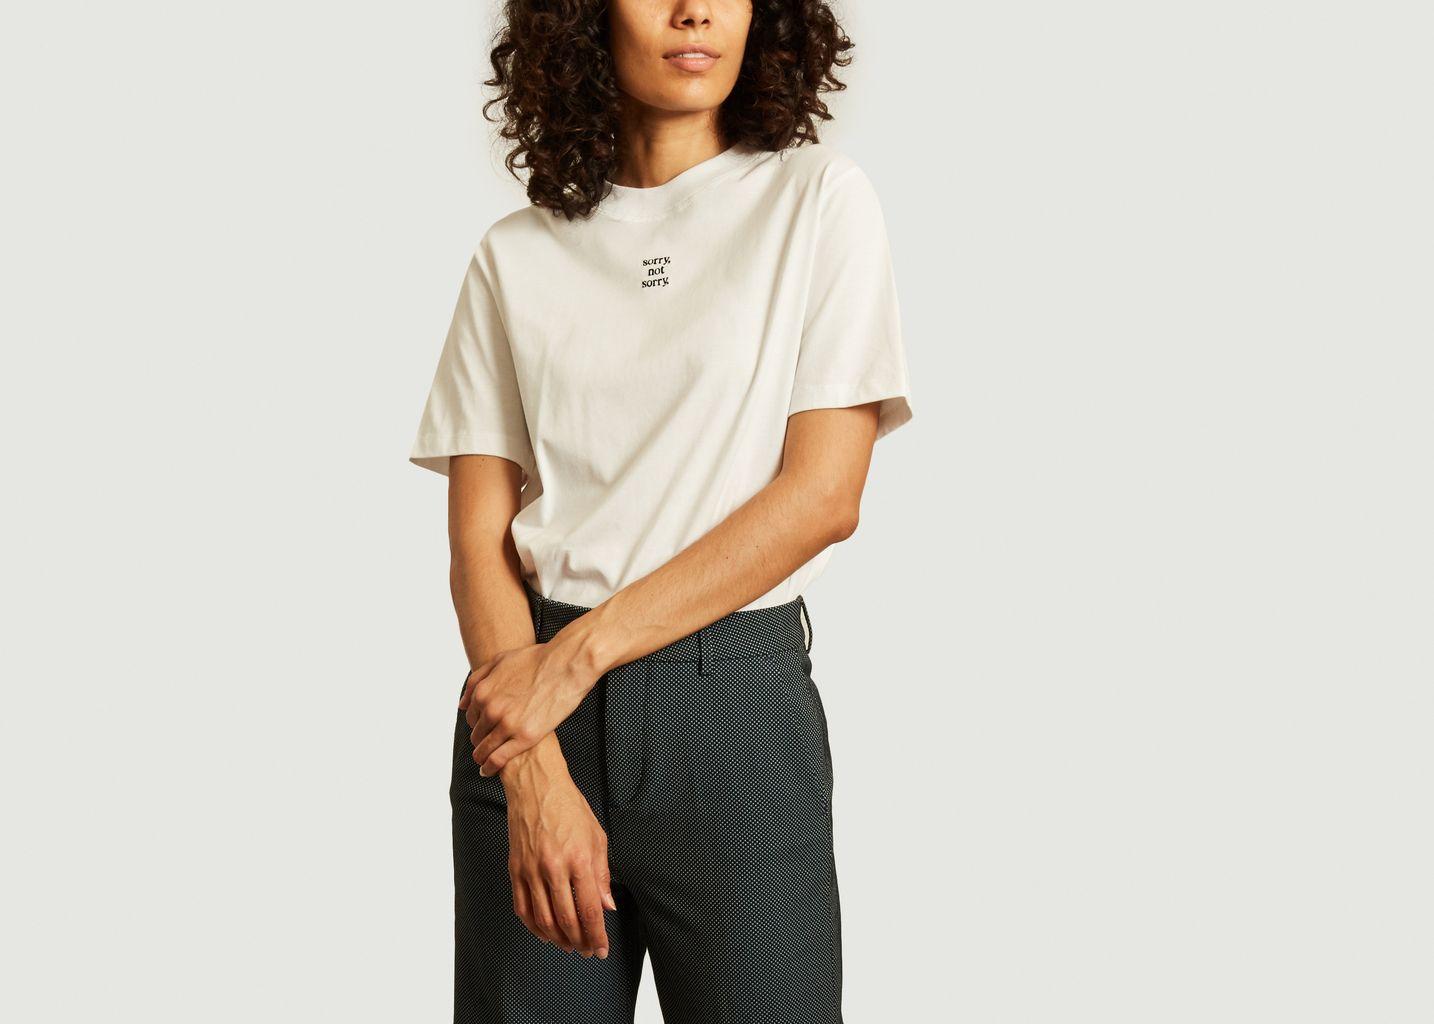 T-shirt oversize imprimé sorry, not sorry - Maison Labiche